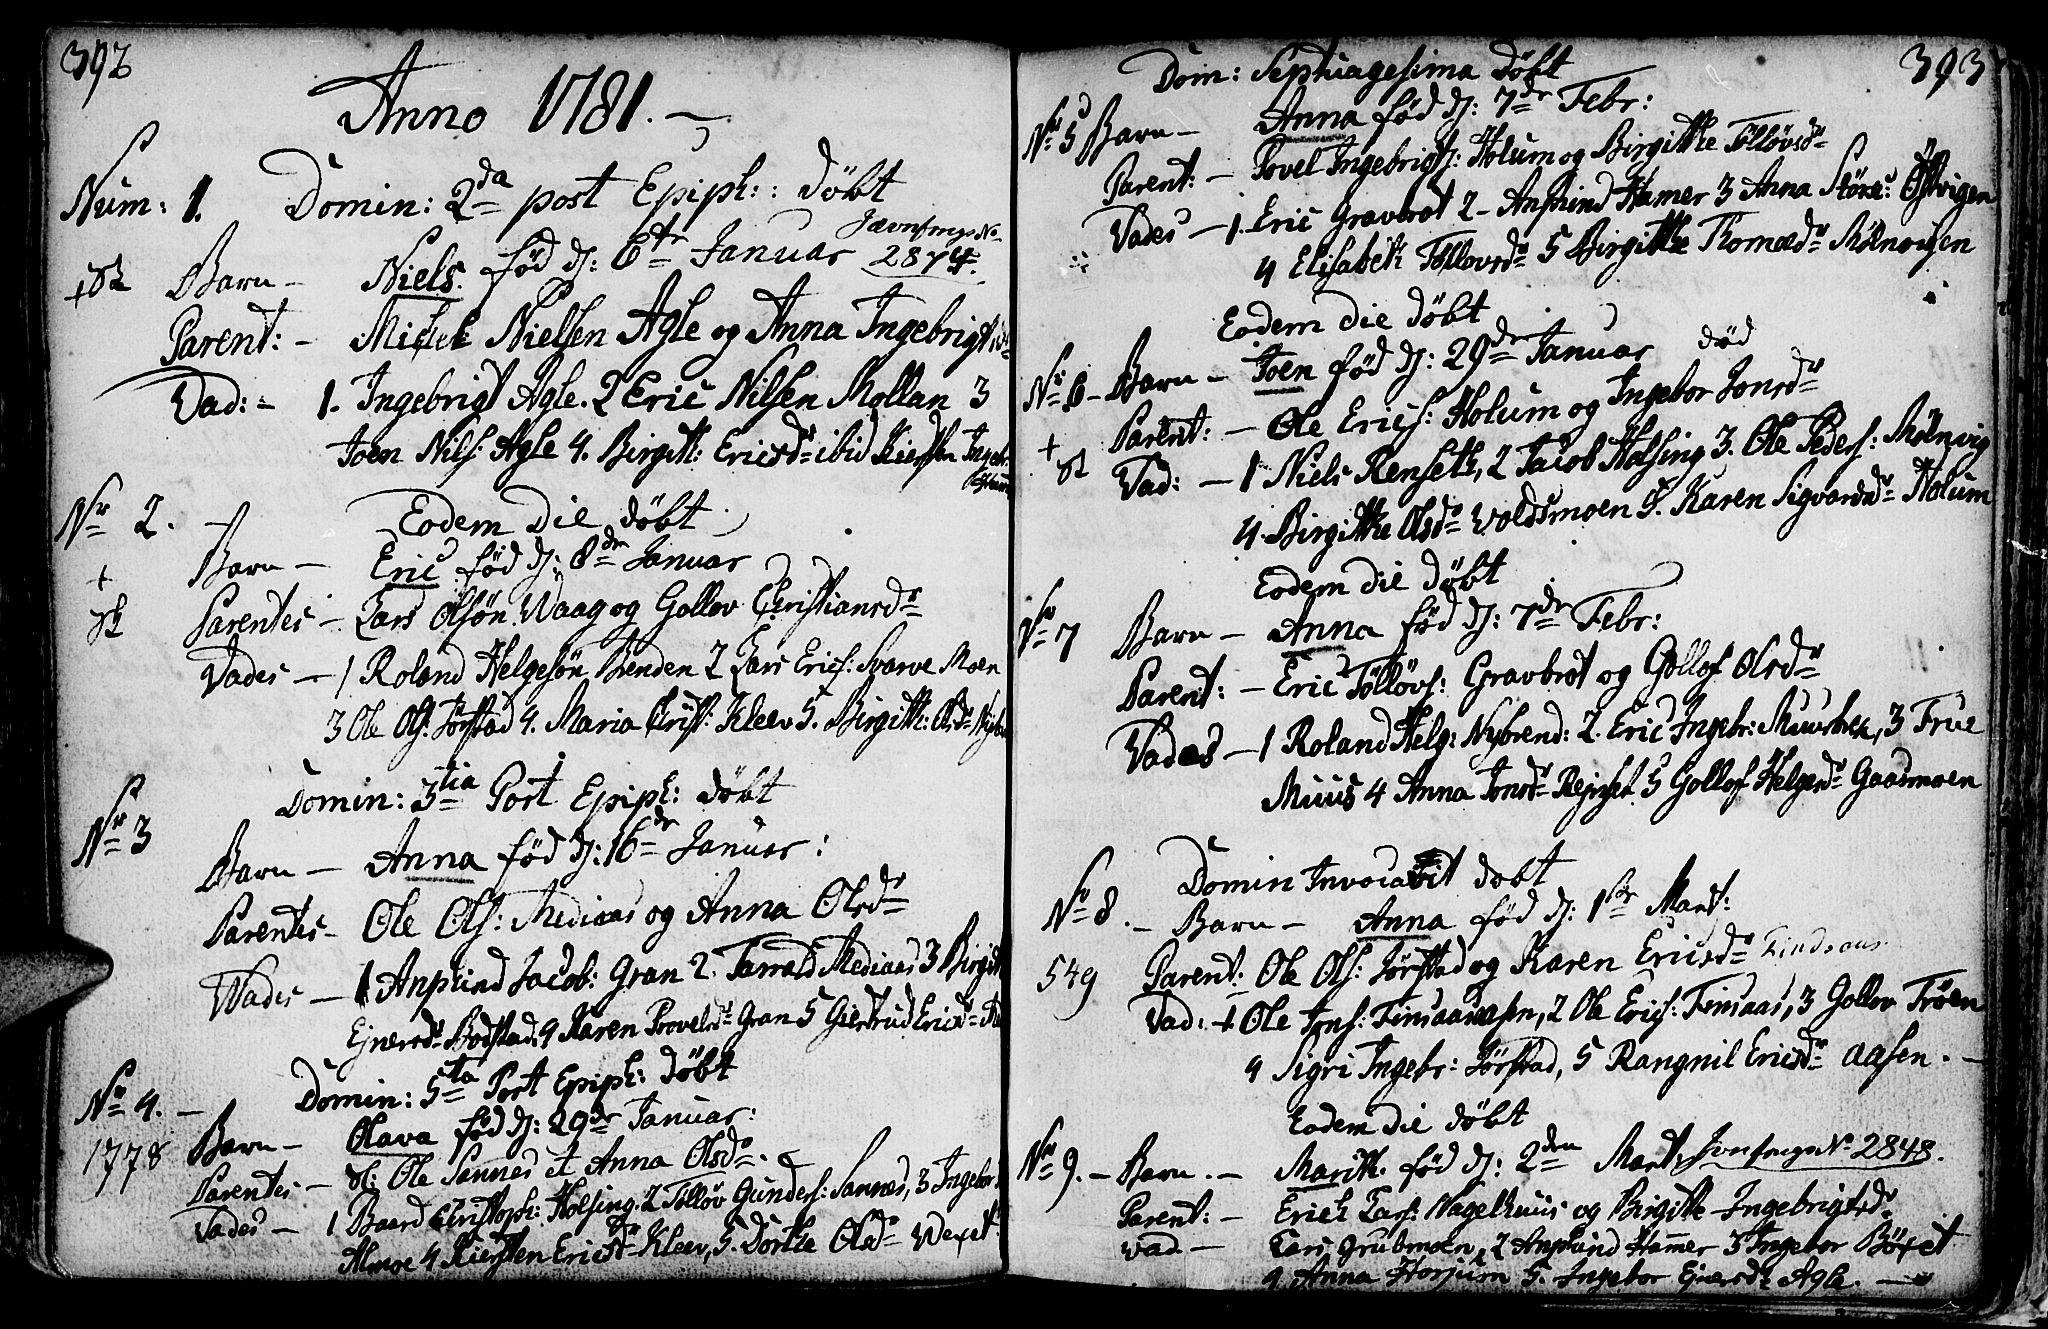 SAT, Ministerialprotokoller, klokkerbøker og fødselsregistre - Nord-Trøndelag, 749/L0467: Ministerialbok nr. 749A01, 1733-1787, s. 392-393